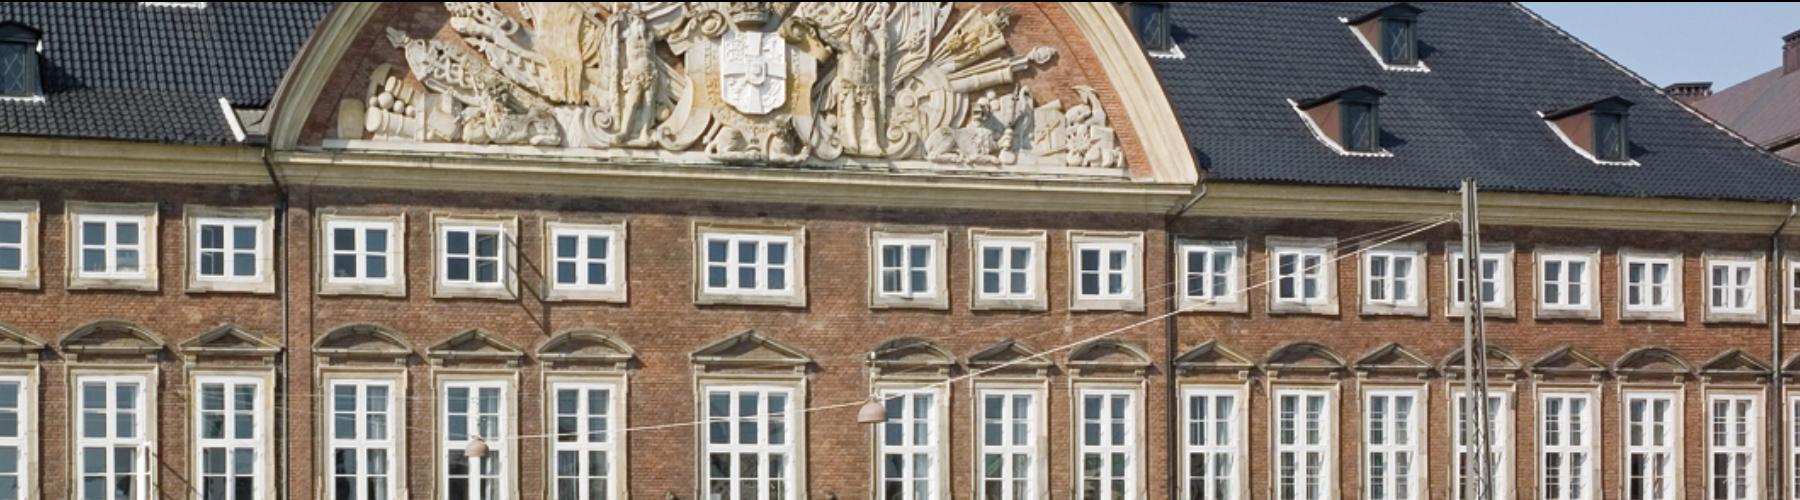 Den koncernfælles billedbank cover image